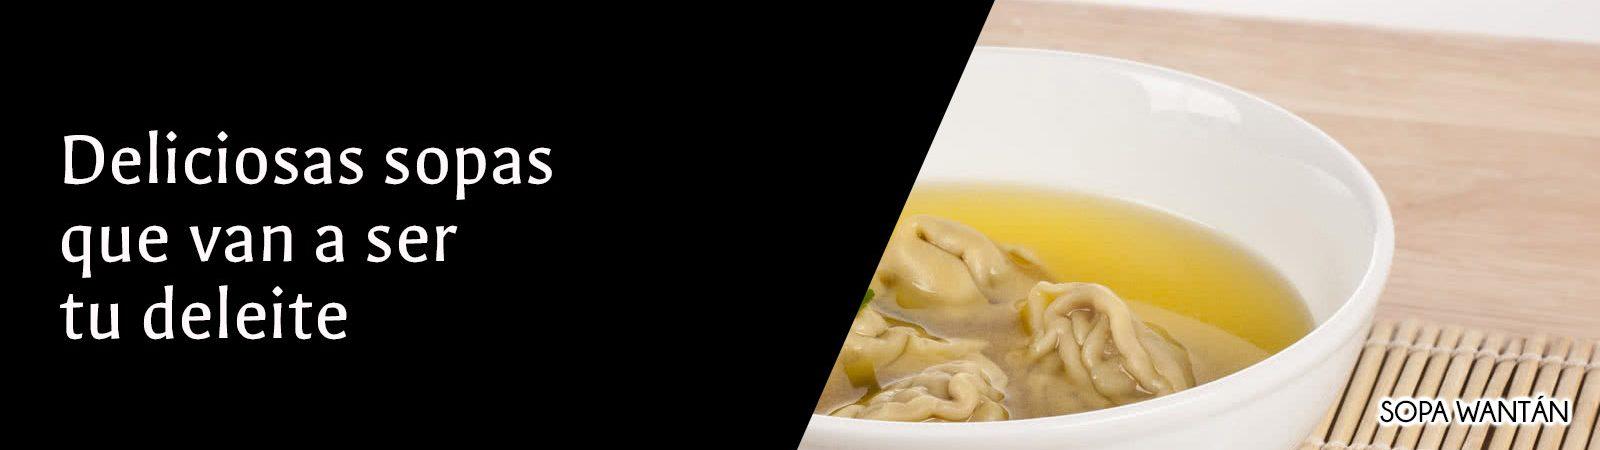 02-parquechina-menu-sopa